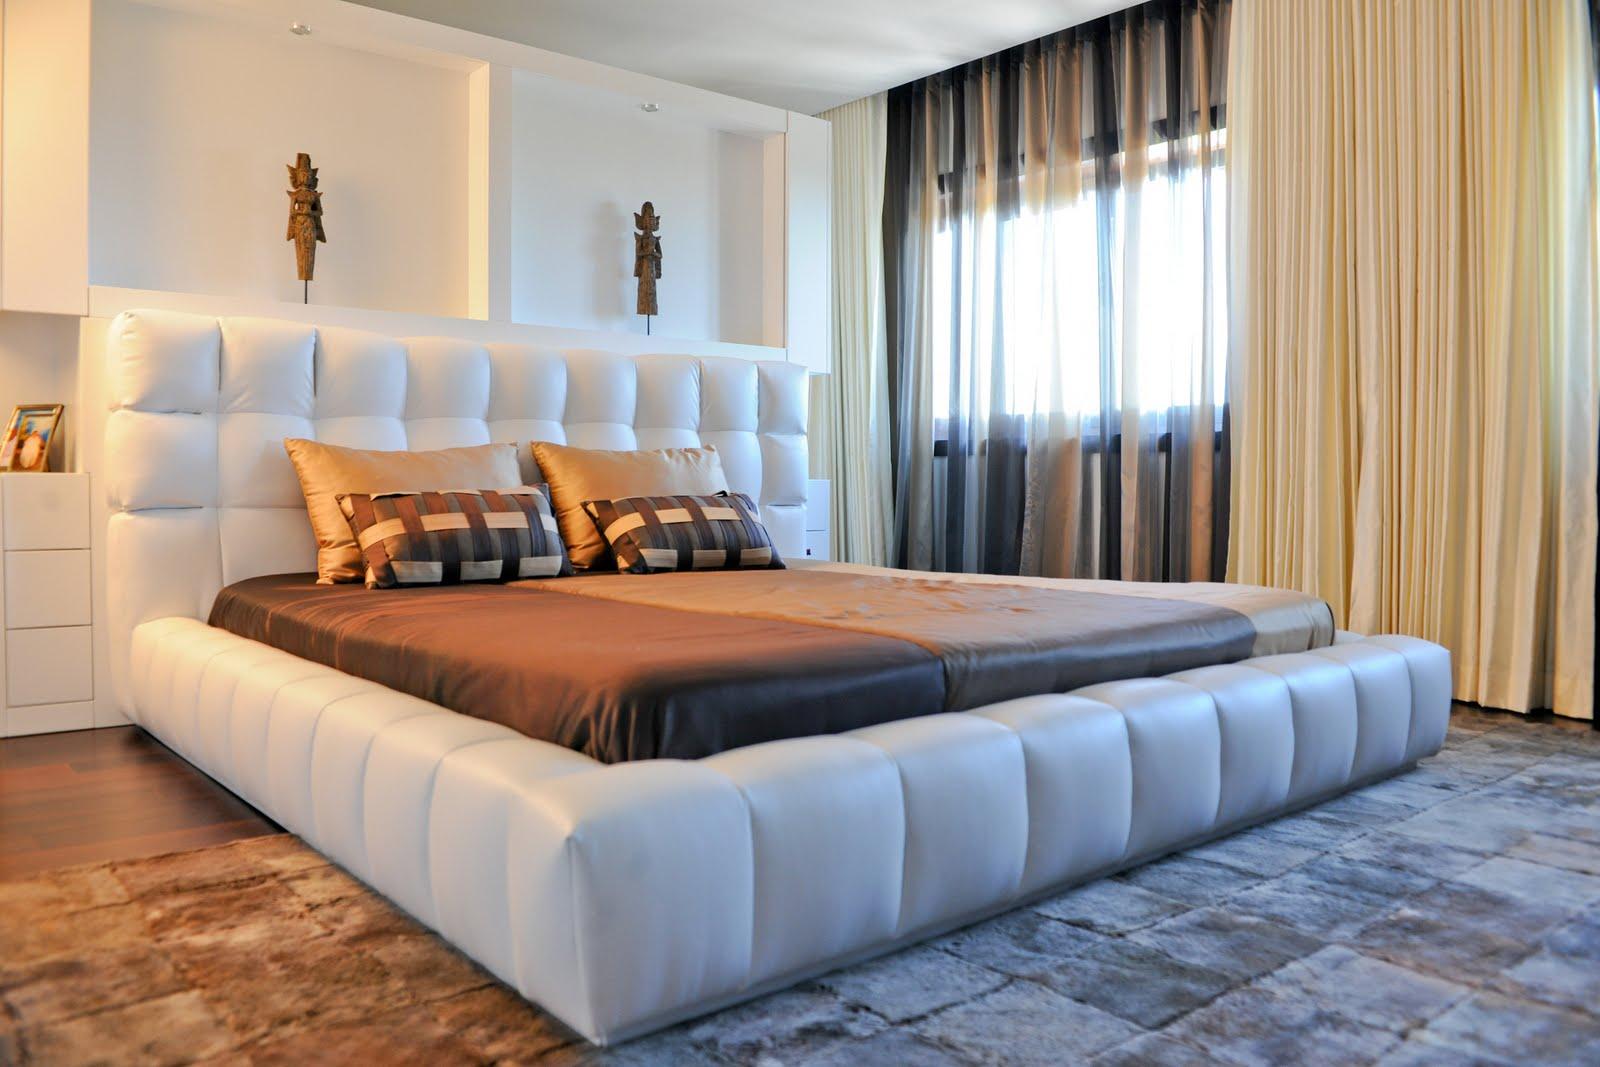 decoracao de interiores de casas modernas : decoracao de interiores de casas modernas: de móveis e decoração de interiores com apenas seis